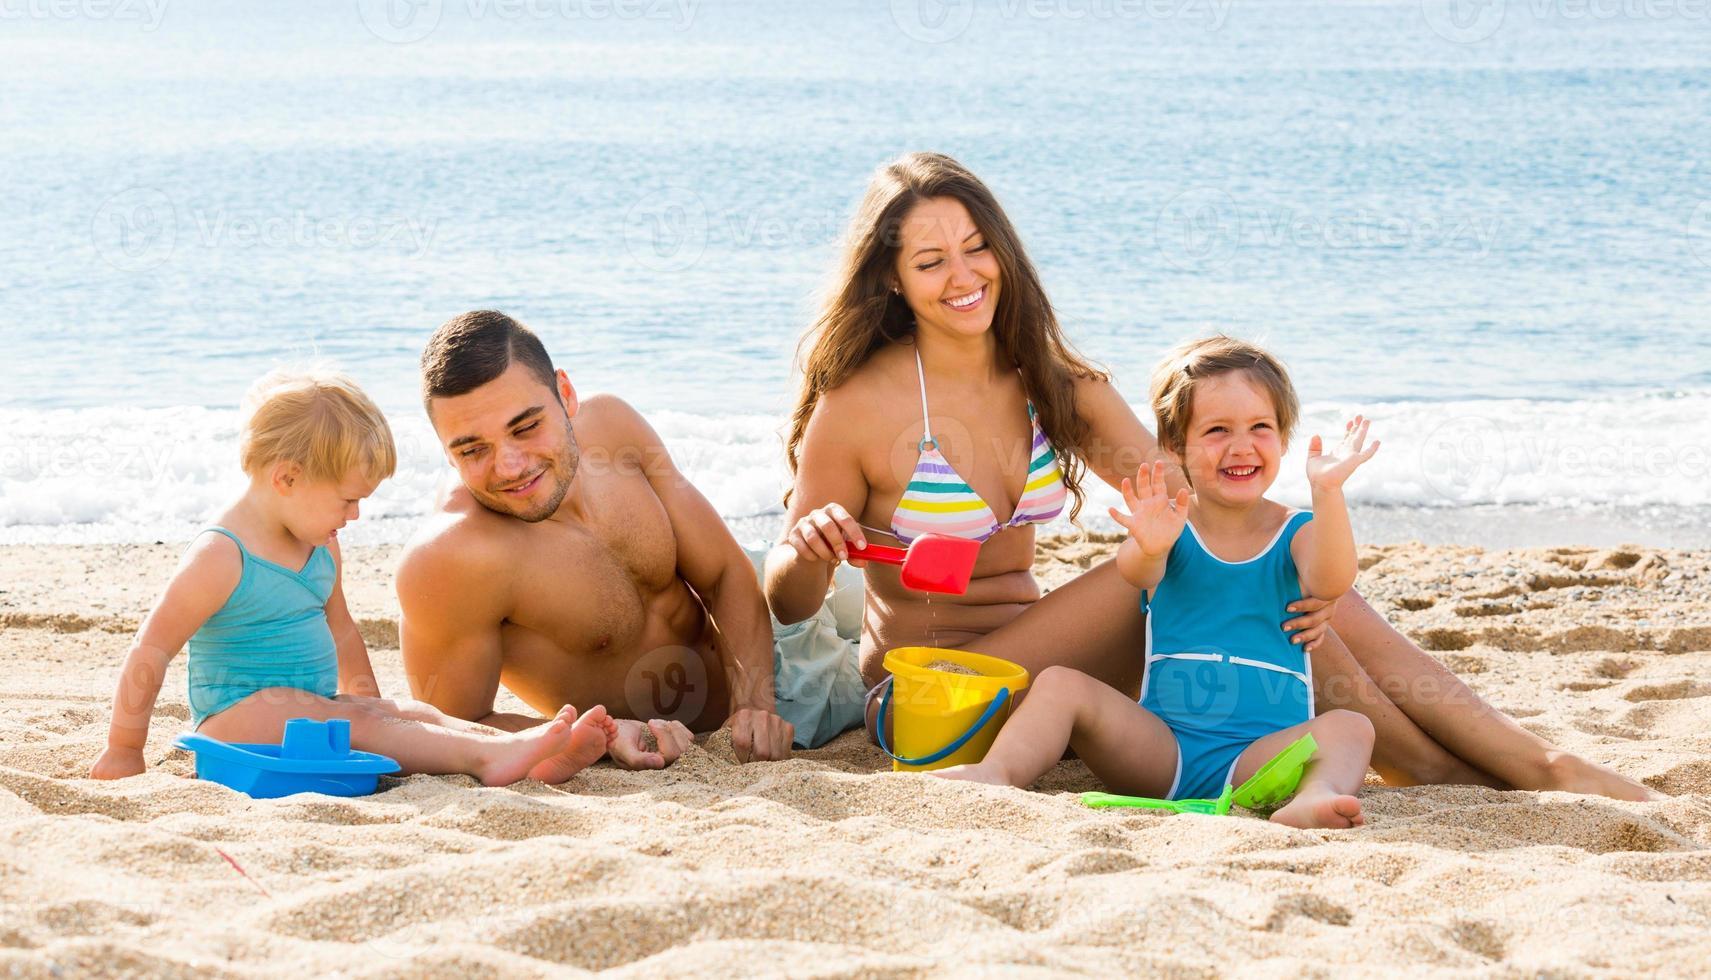 famiglia di quattro persone in spiaggia foto